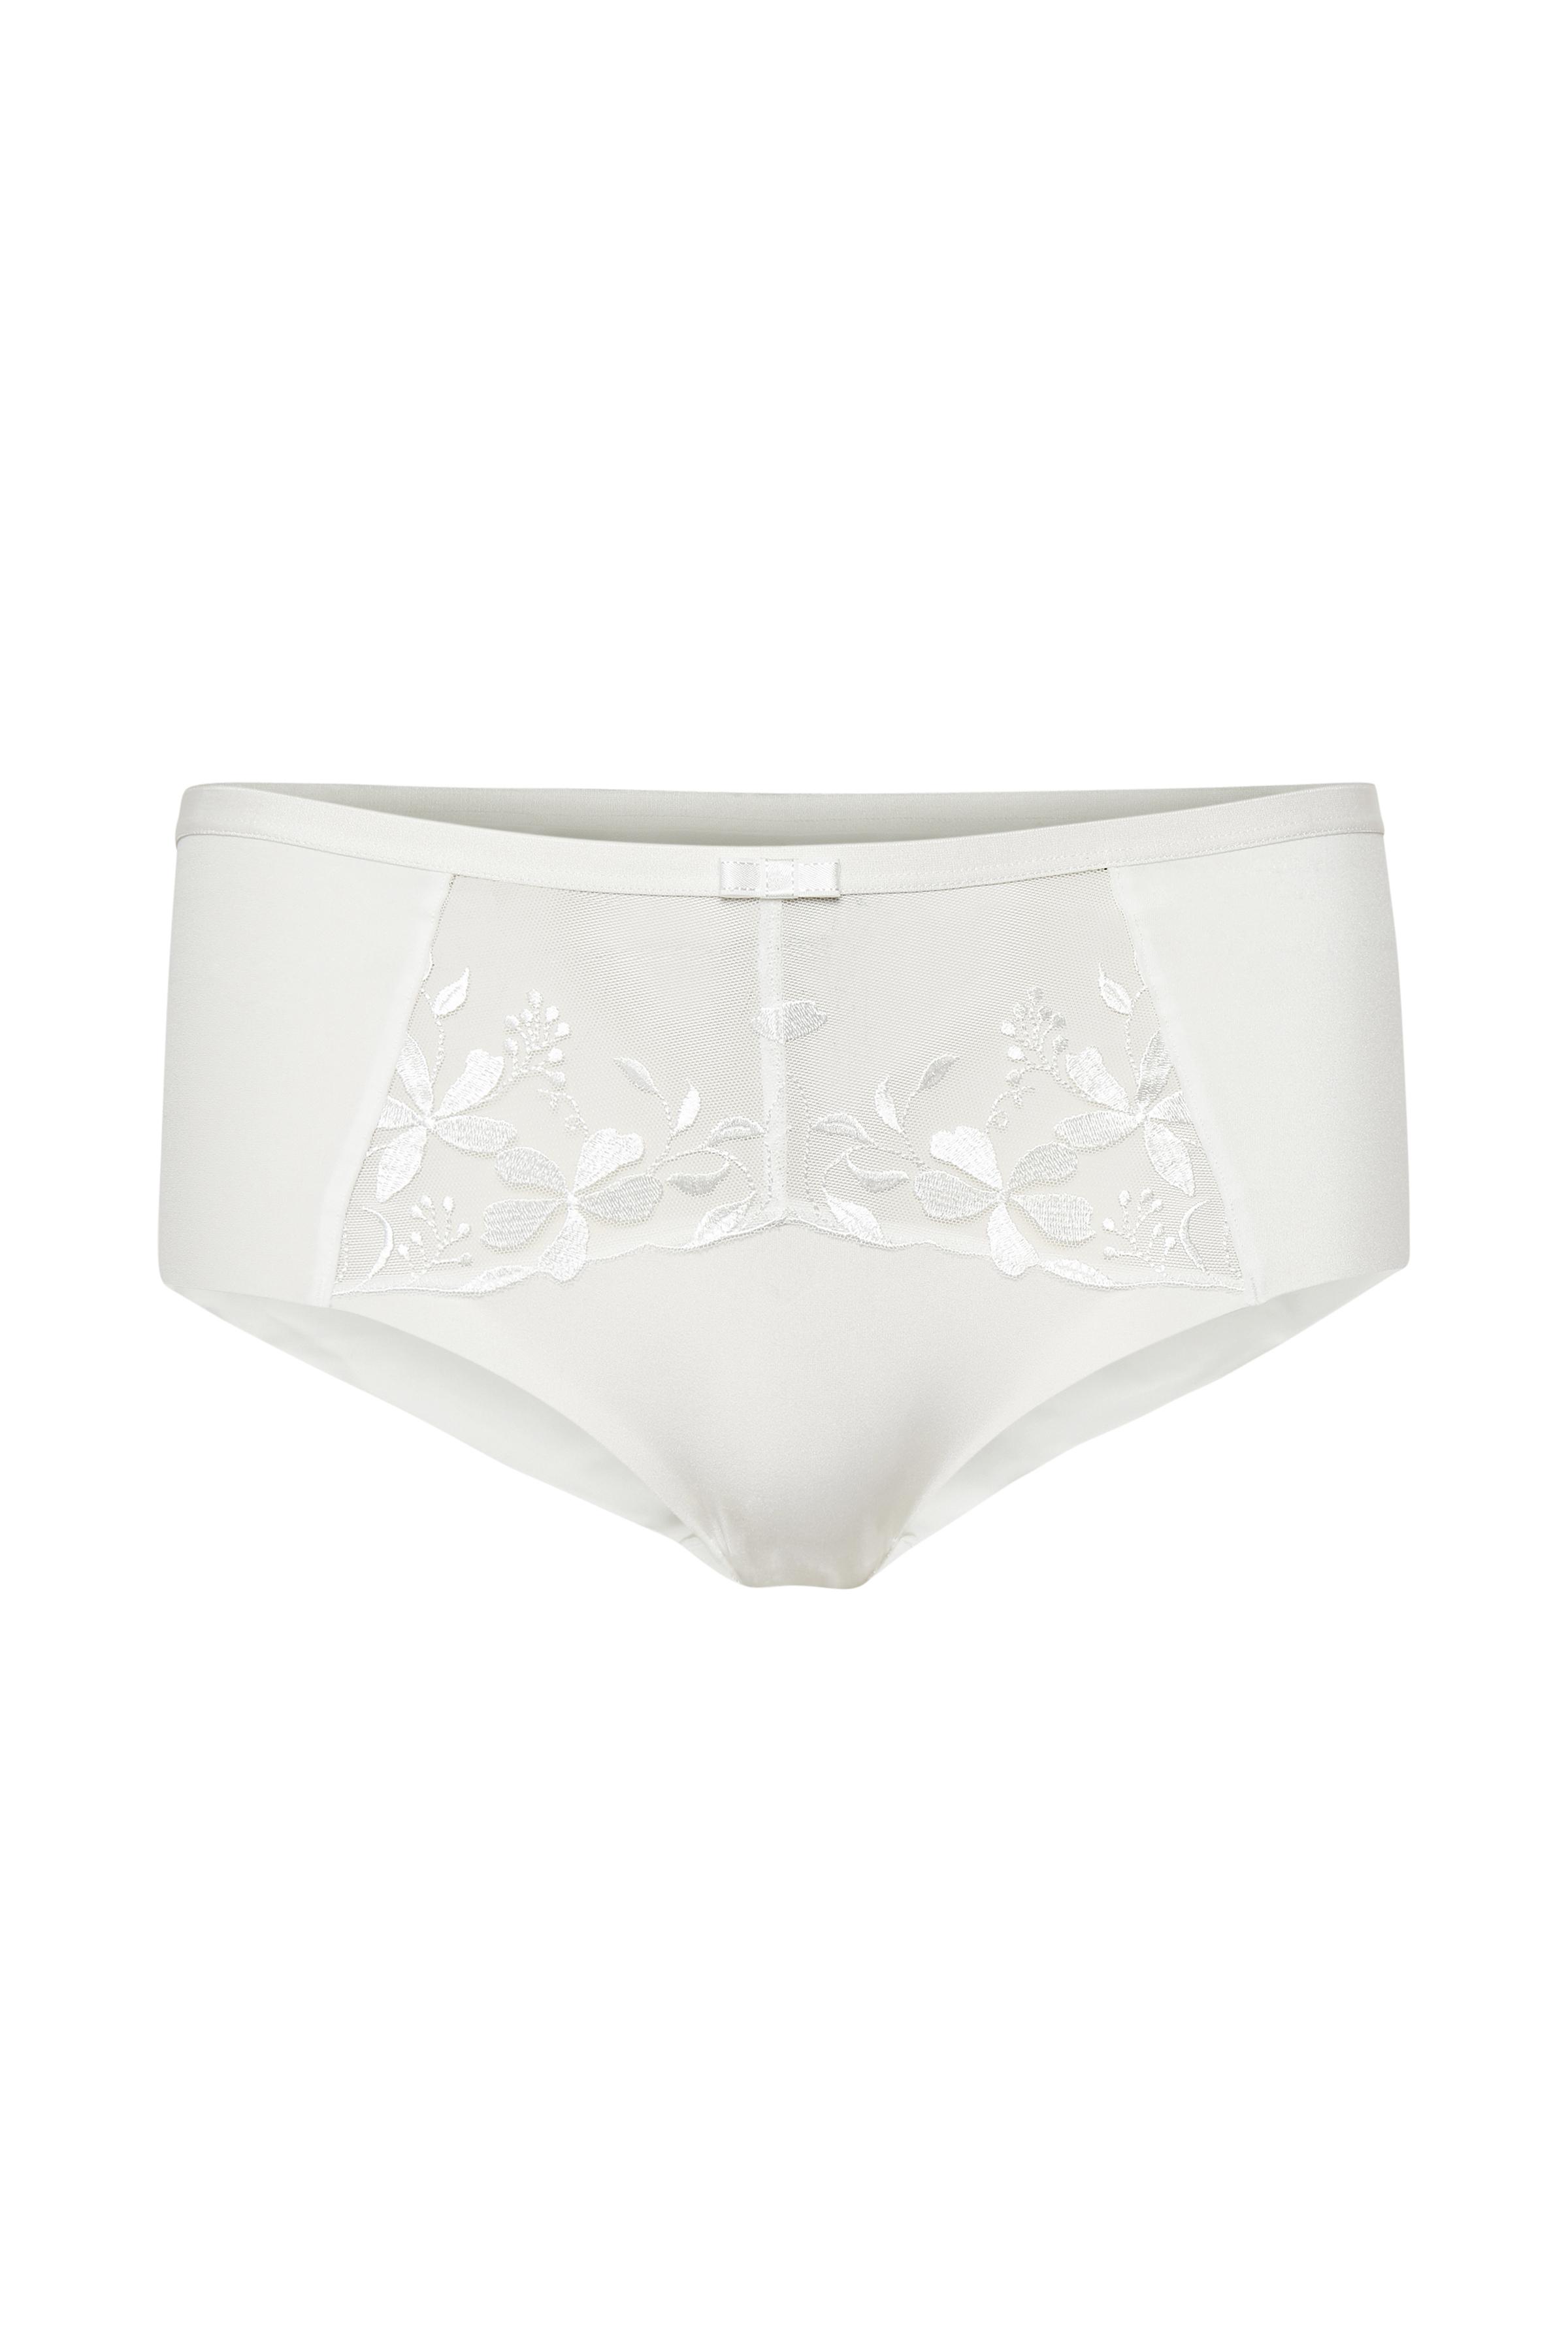 Weiß Slip - Sexy Angel Spotlight Maxi von Triumph – Shoppen Sie Weiß Slip - Sexy Angel Spotlight Maxi ab Gr. 36-44 hier